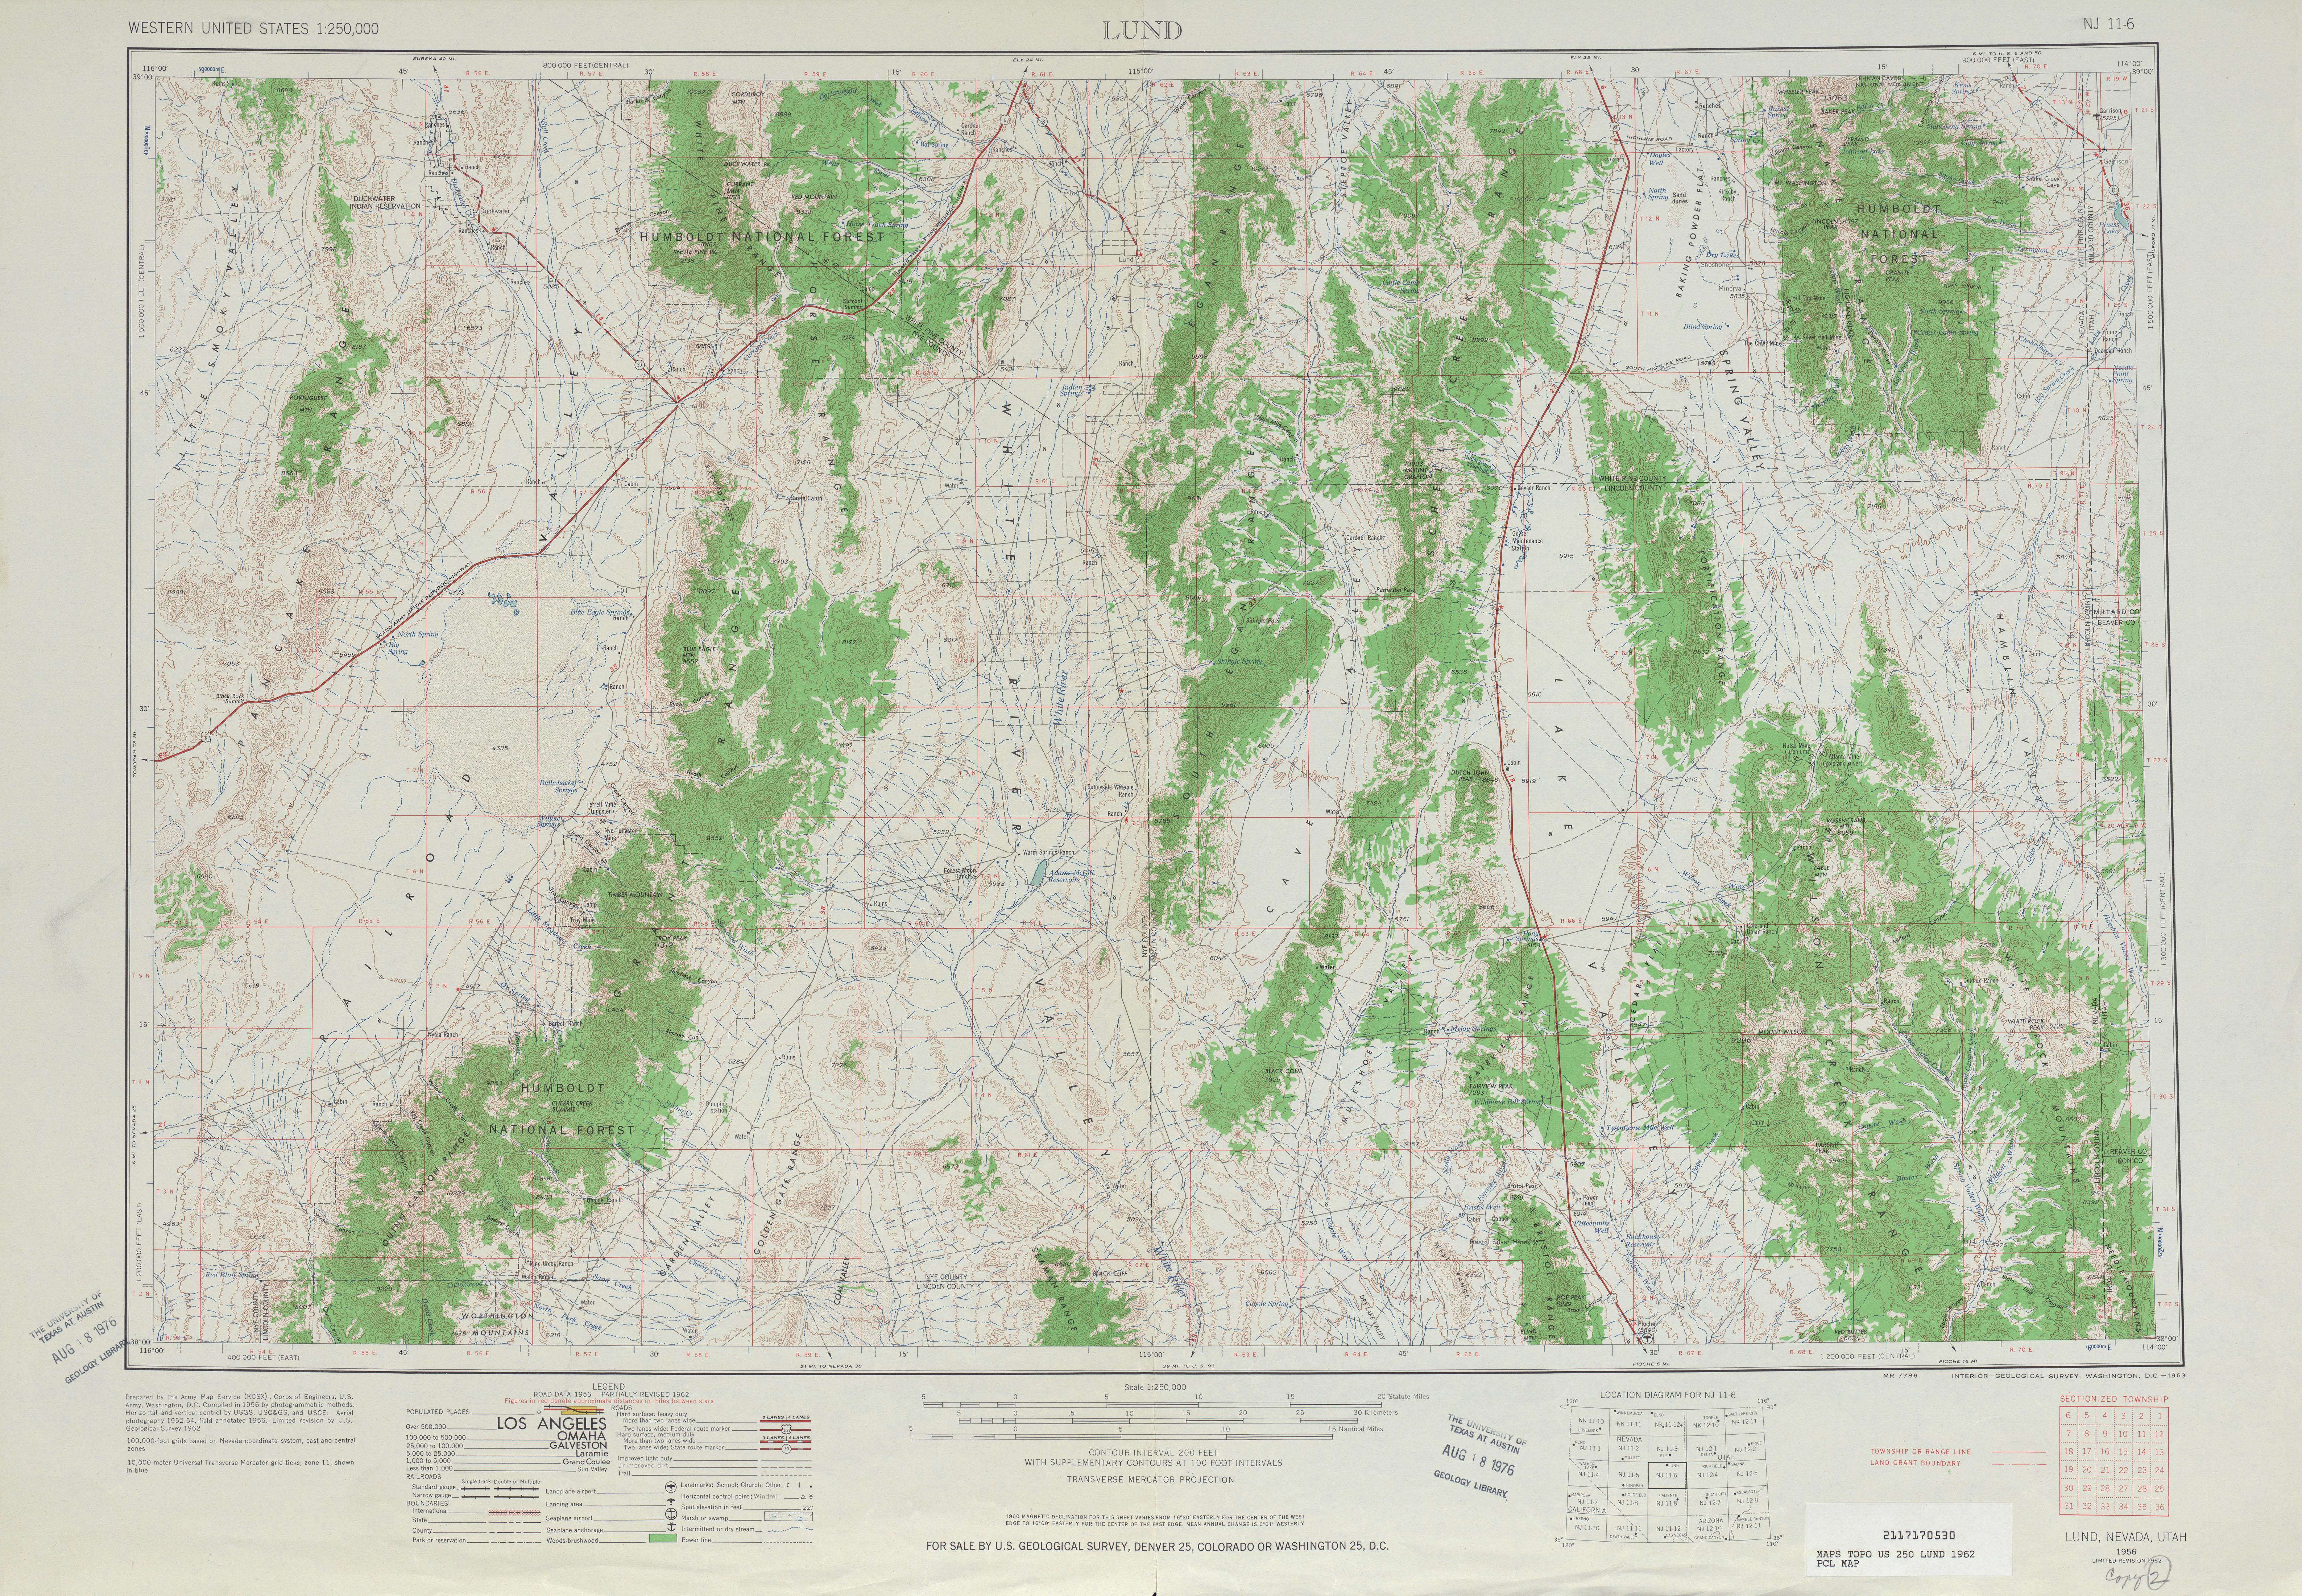 Hoja Lund del Mapa Topográfico de los Estados Unidos 1962